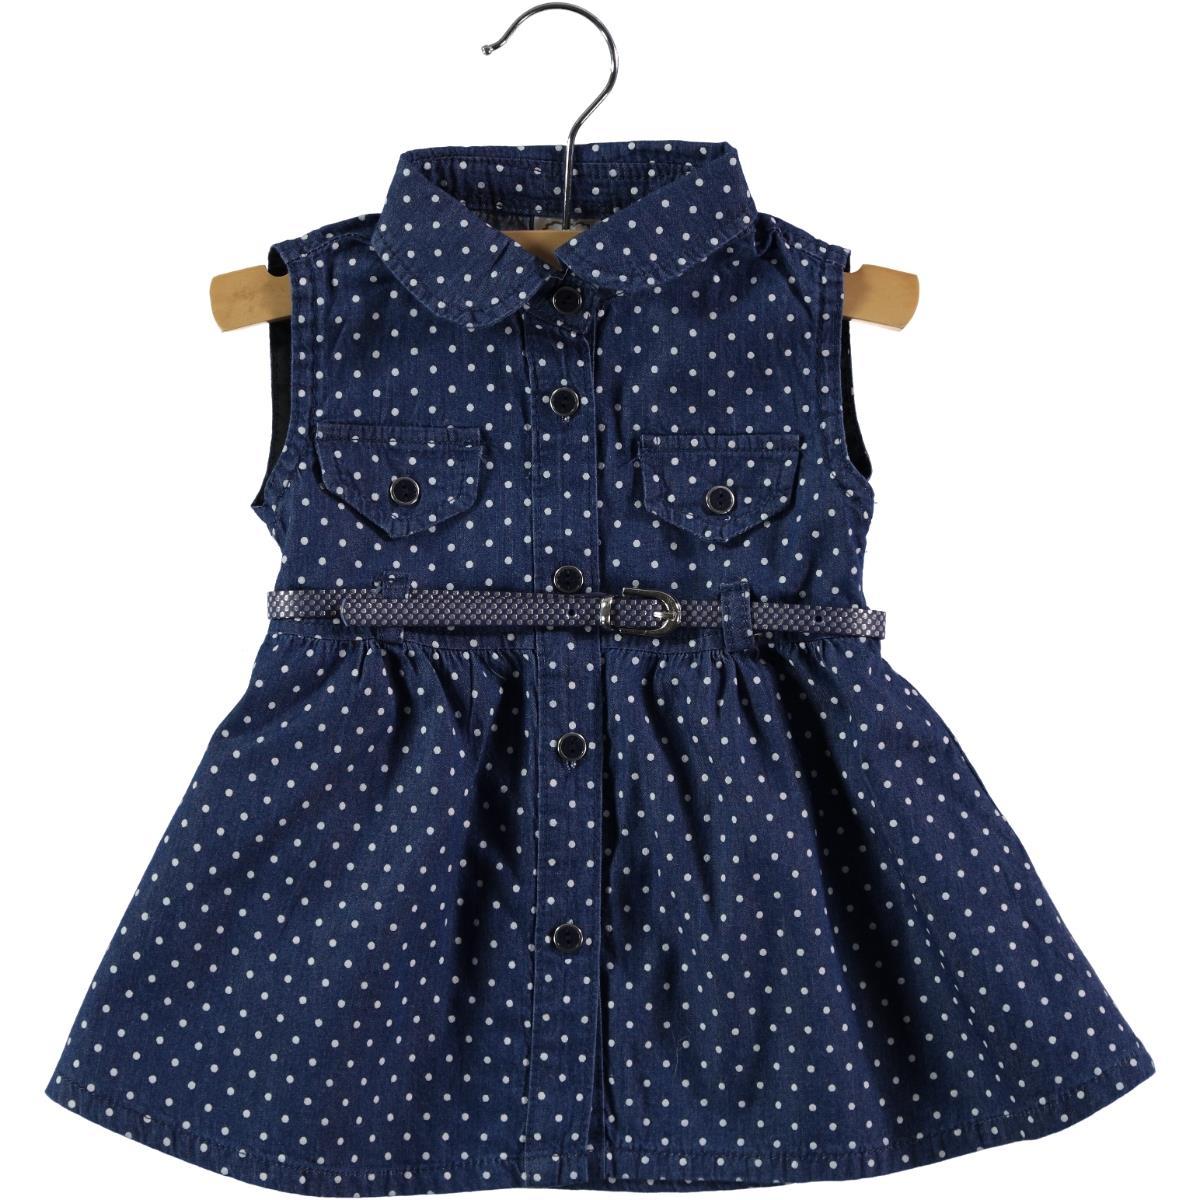 Civil Baby White Denim Dress For Baby Girl 6-18 Months